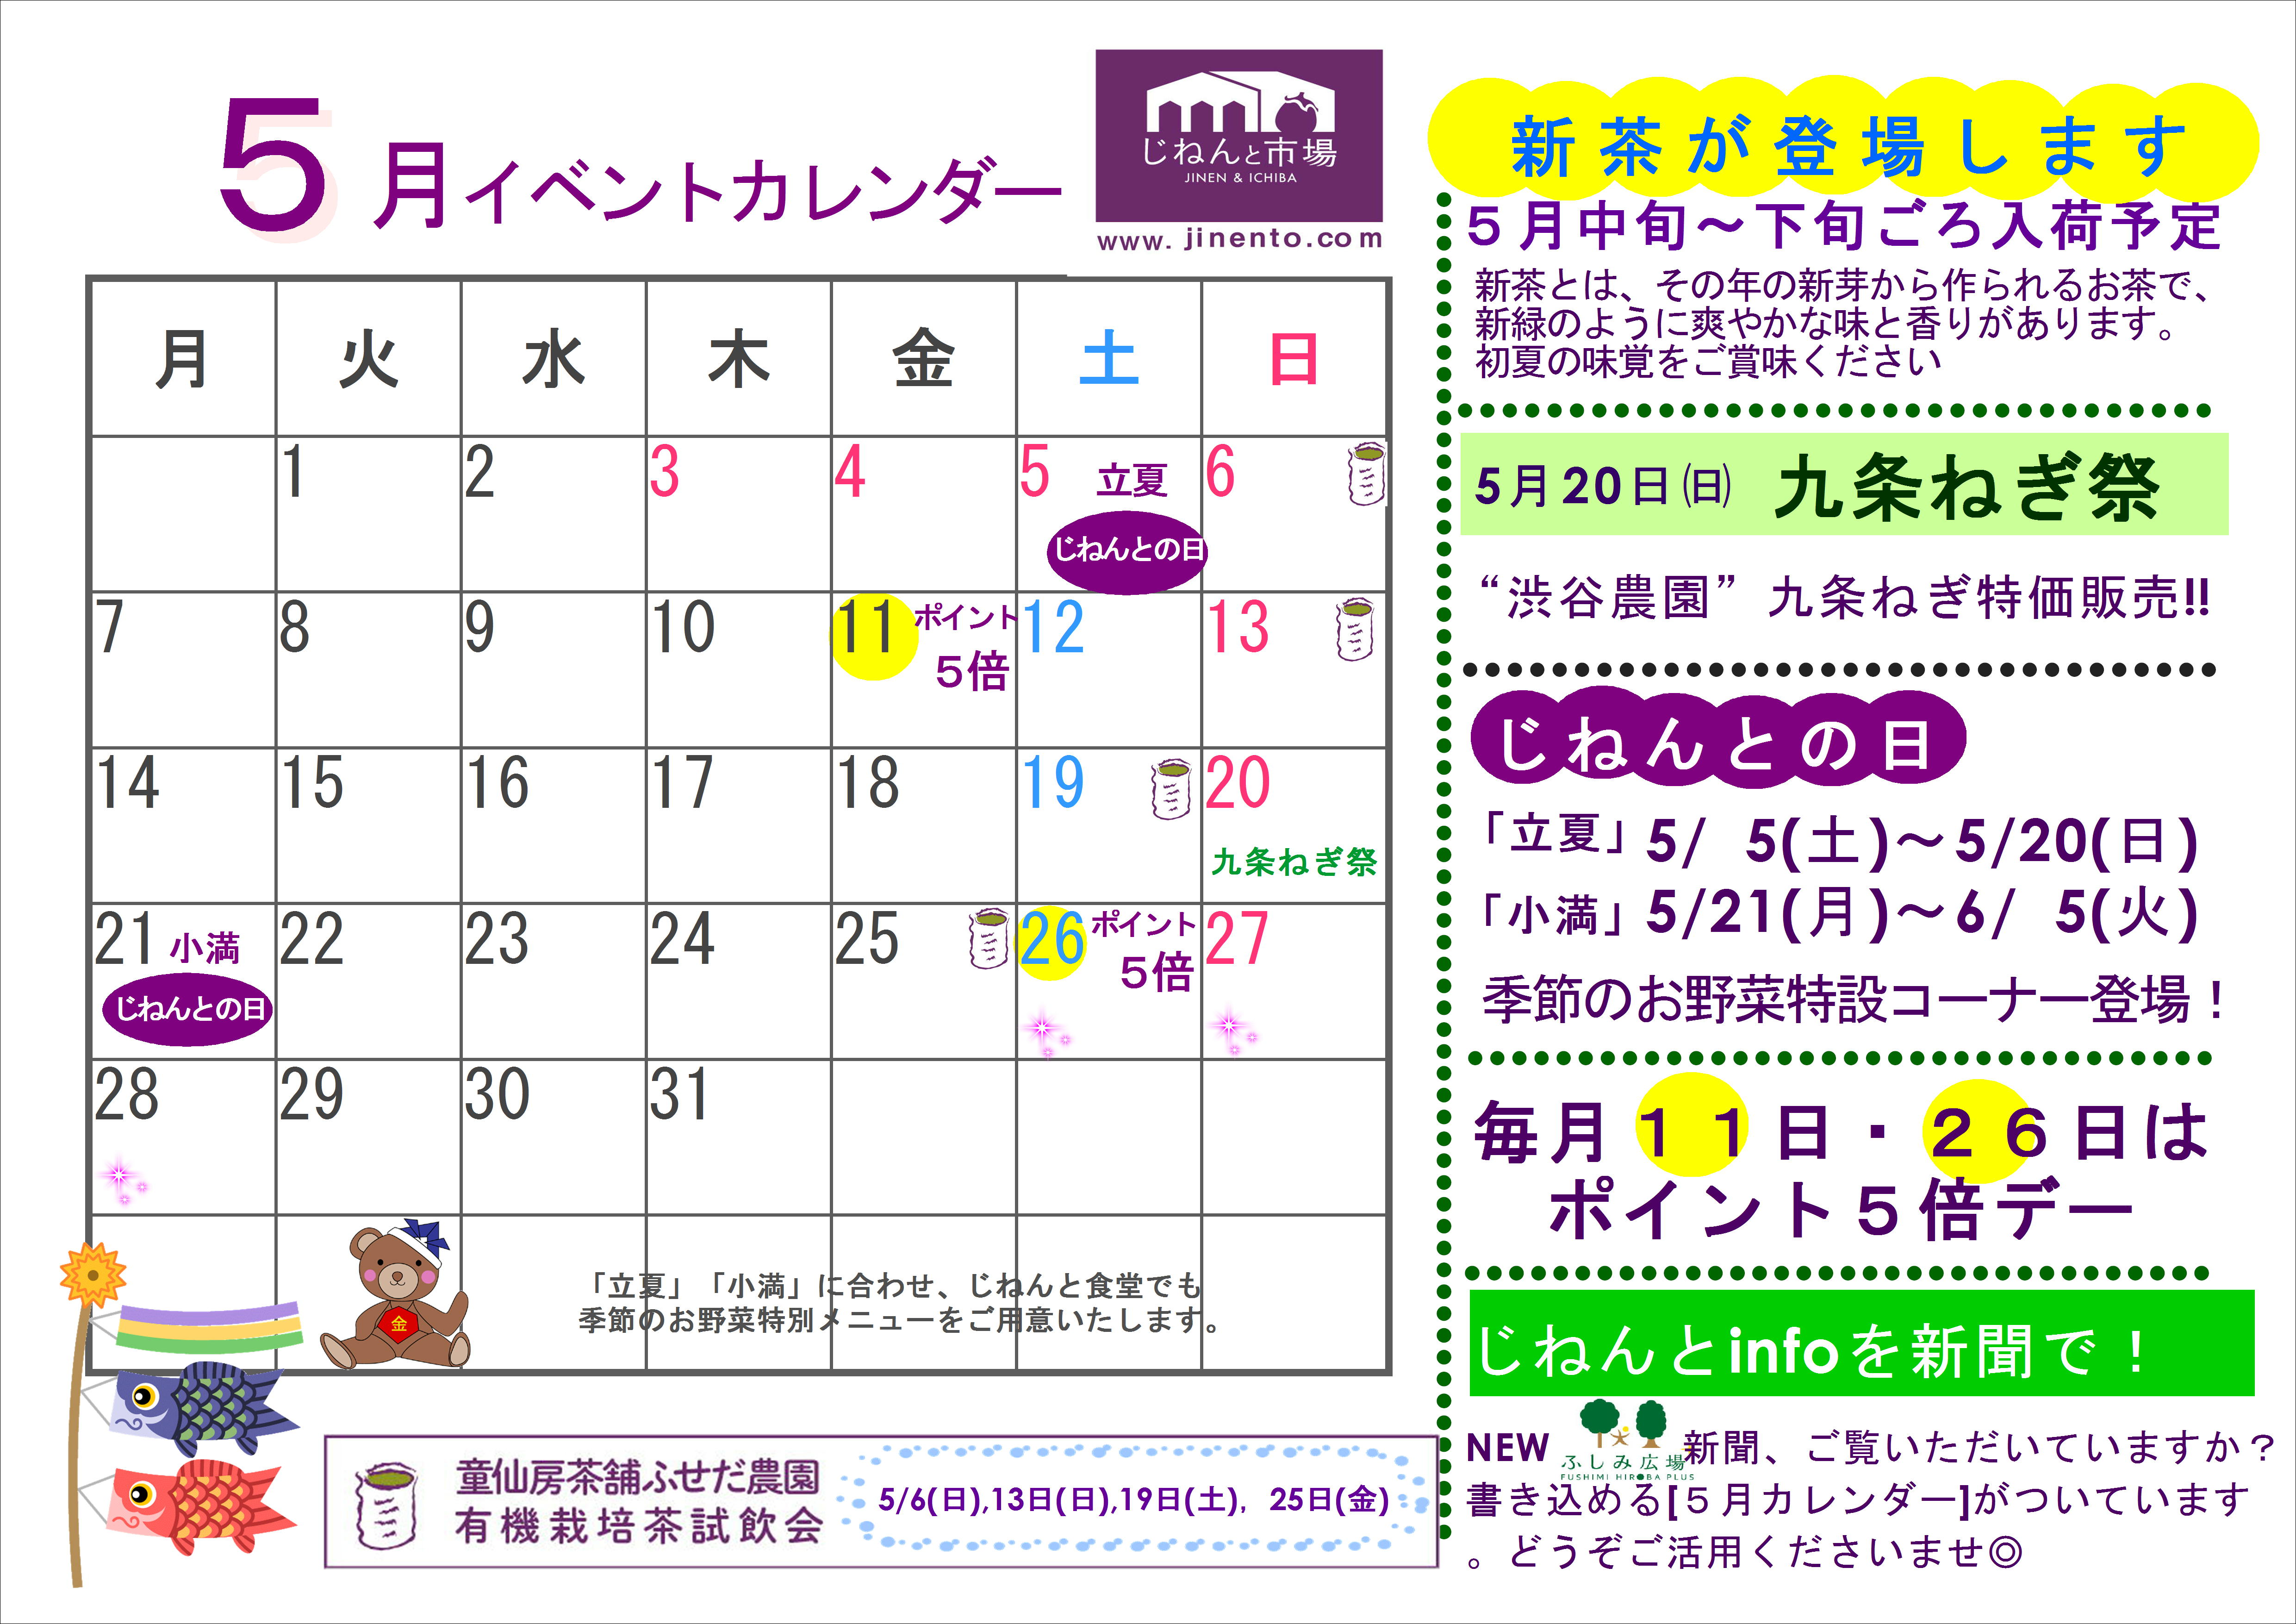 じねんと市場5月のイベントカレンダー